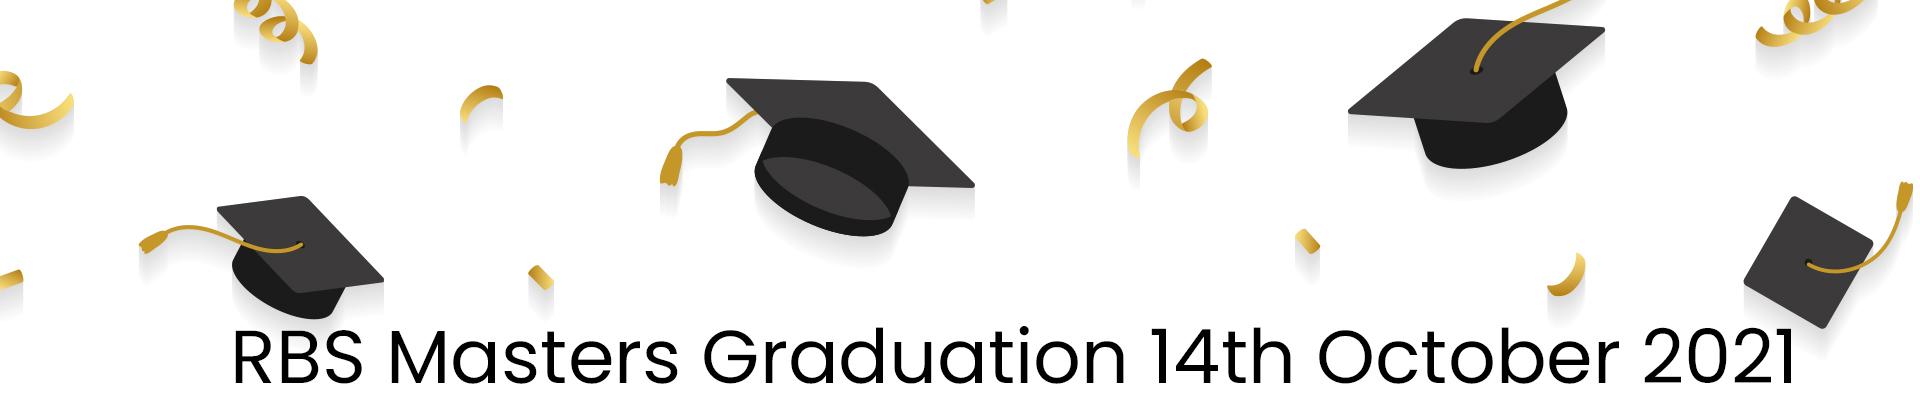 Master Graduation Ceremony October 14 2021